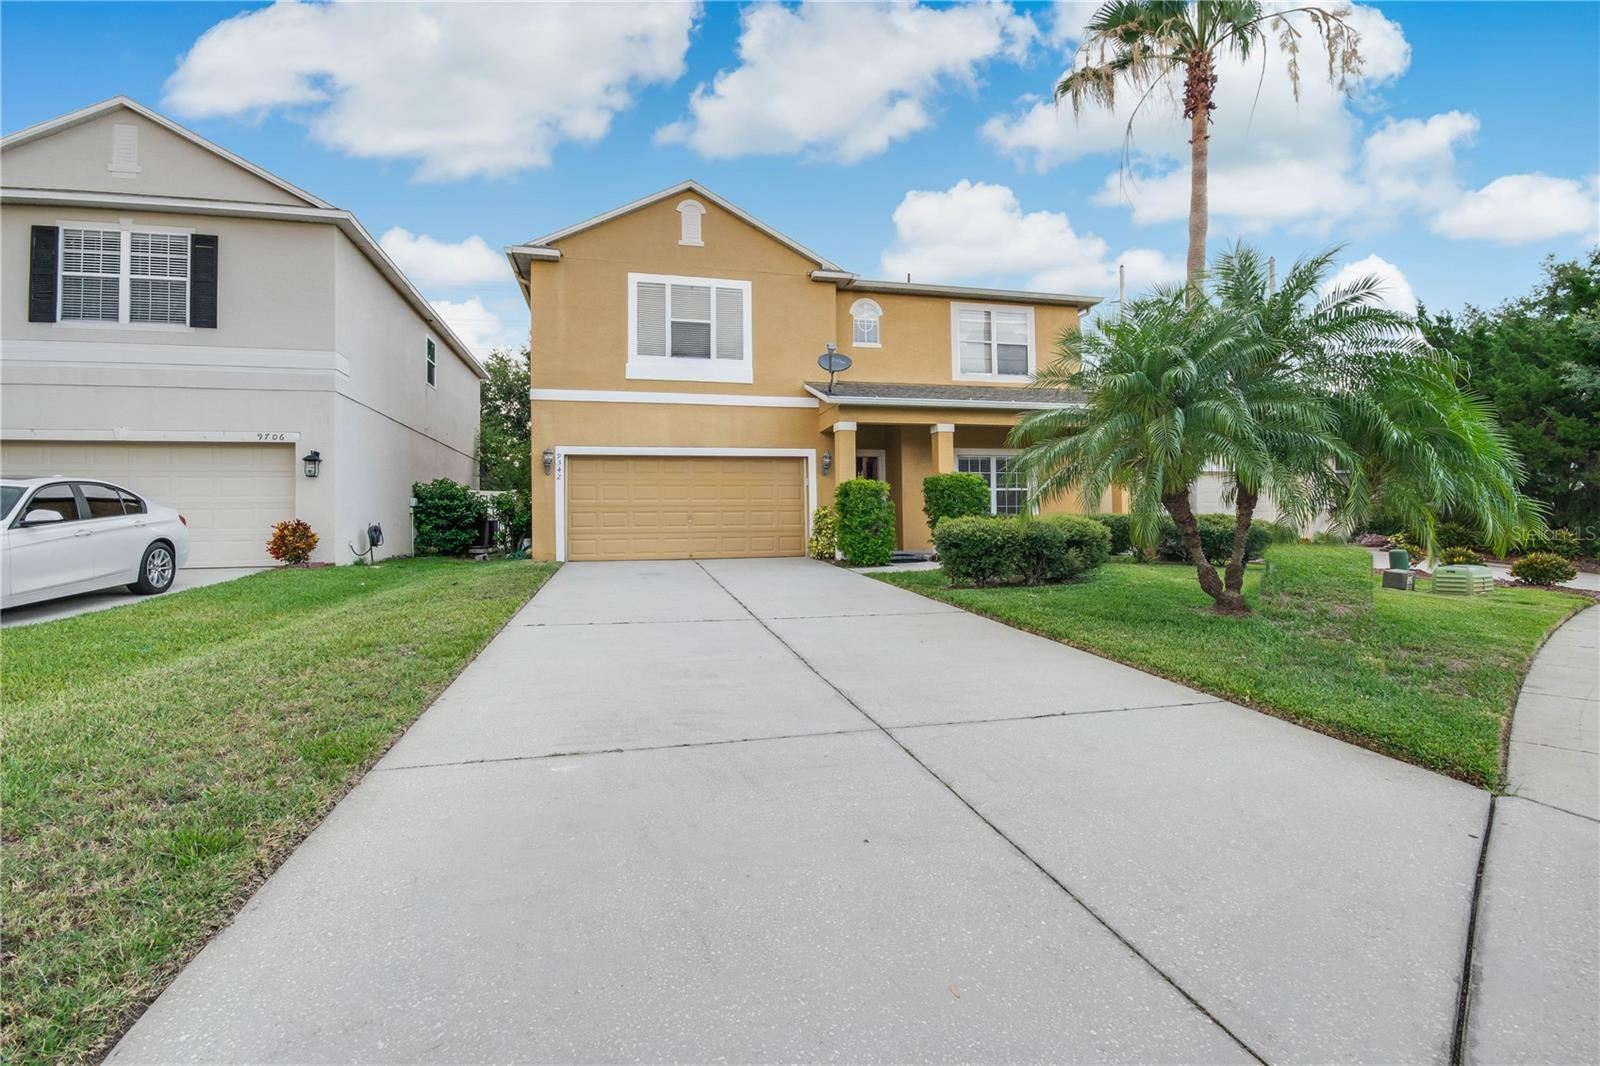 9342 MARSH OAKS COURT, Orlando, FL 32832 - MLS#: O5950983